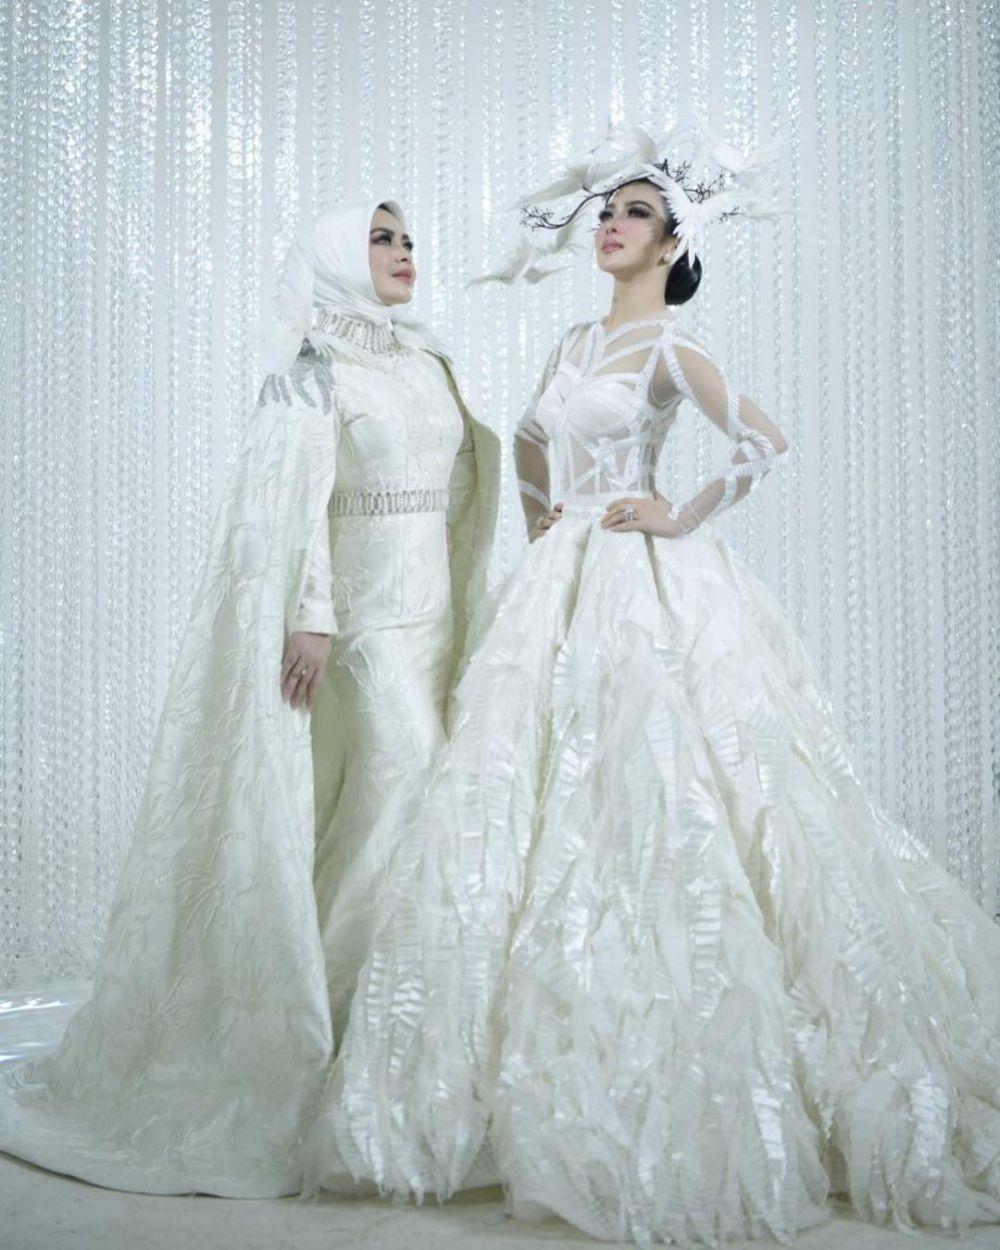 syahrini dan aisyahrani kembaran baju © 2019 brilio.net berbagai sumber